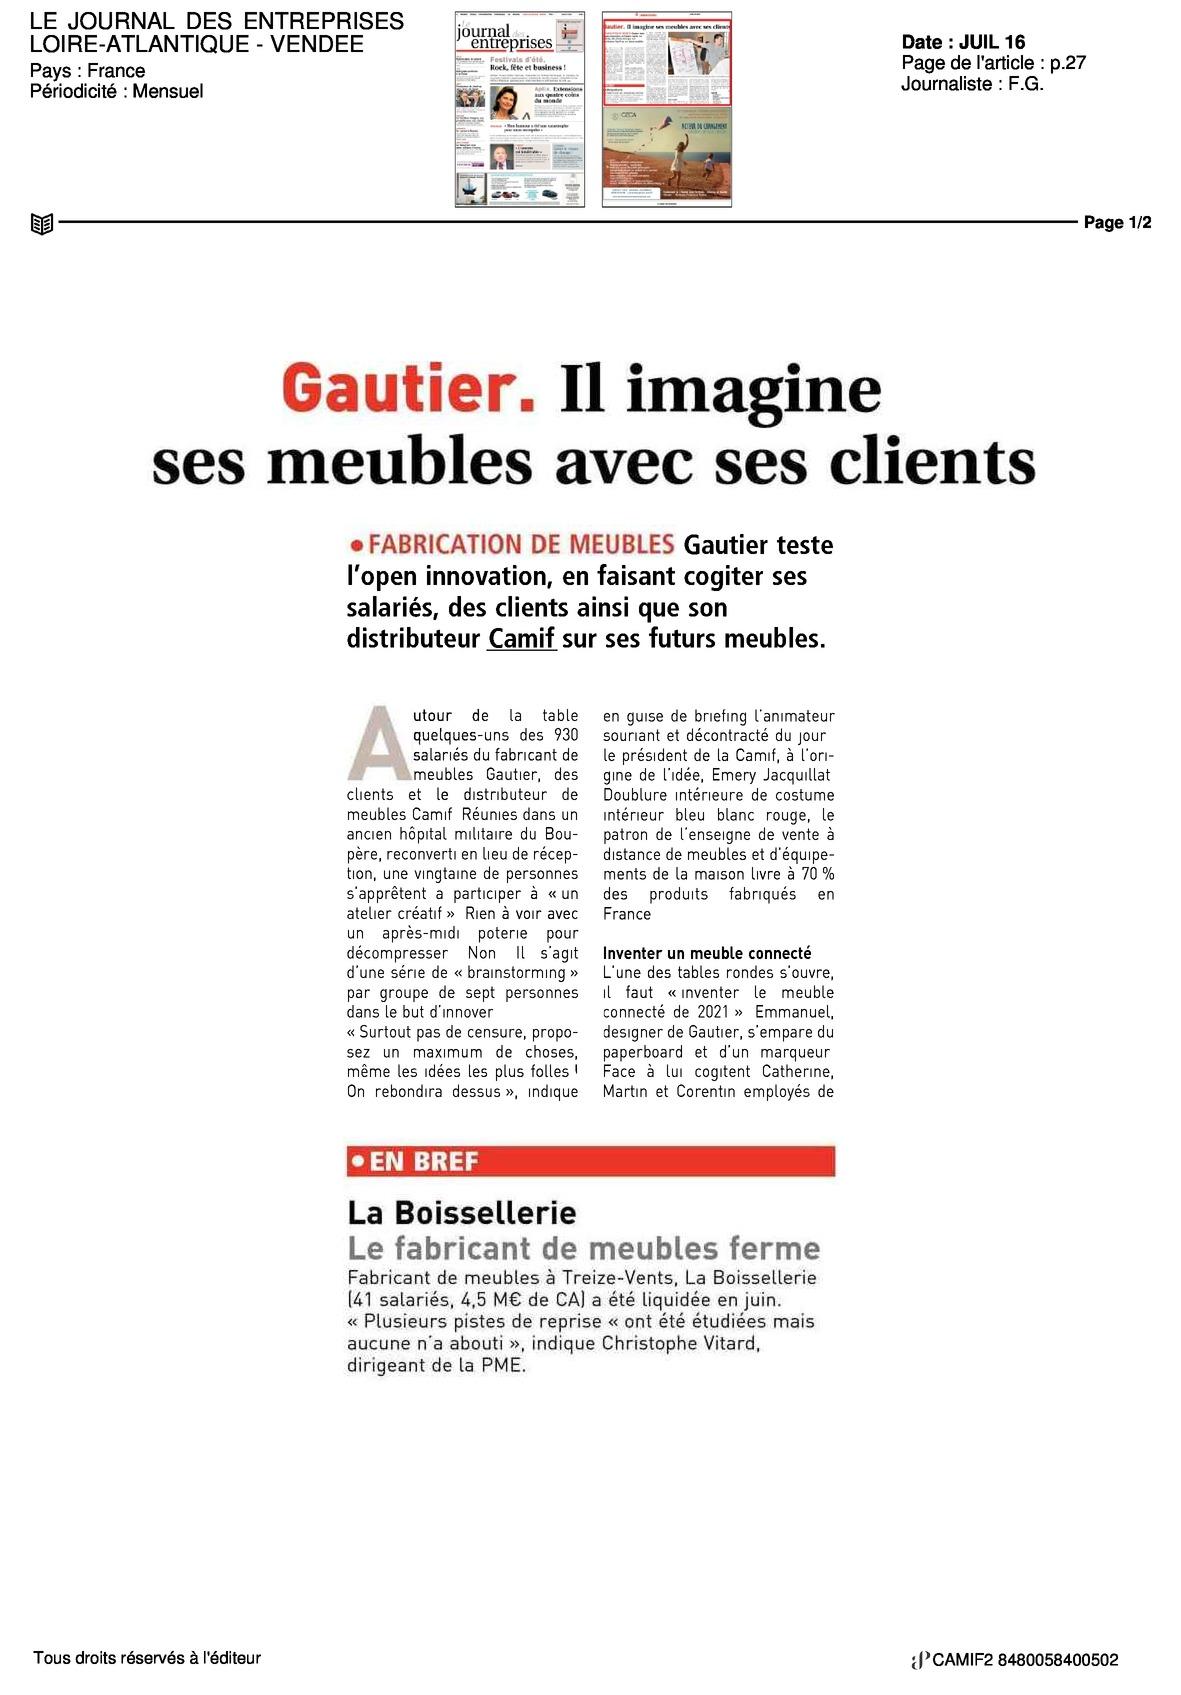 2016-07-071848le_journal_des_entreprises_loi_0-page0